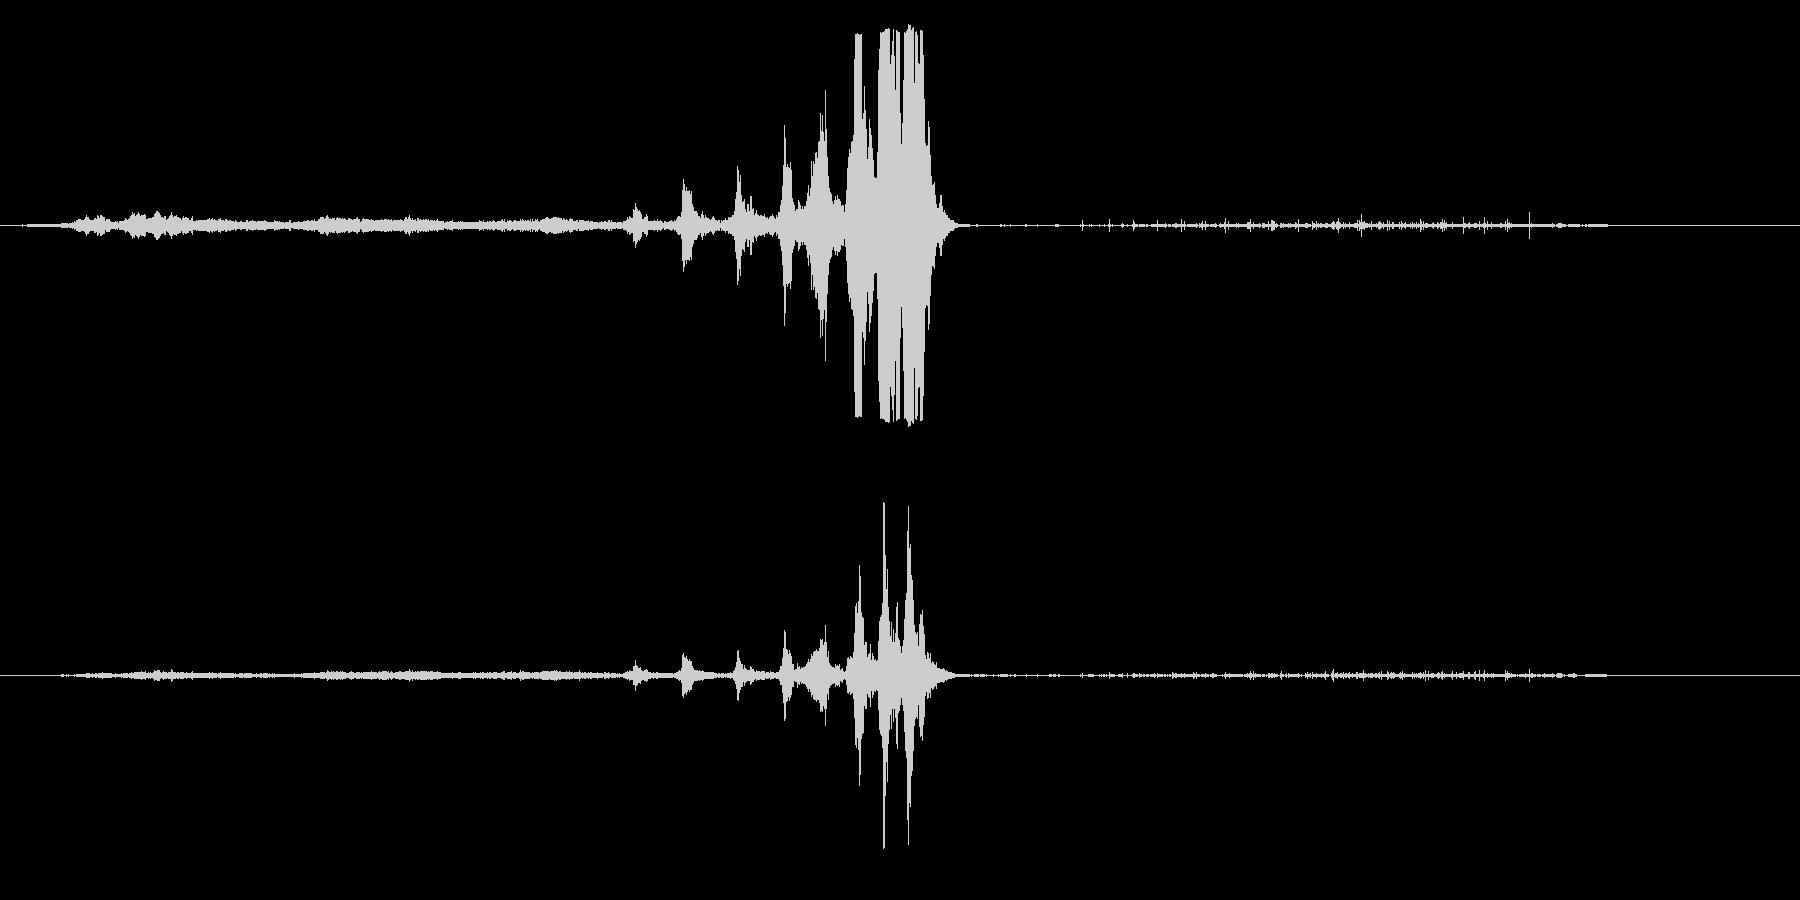 フェラーリフォーミュラ1; In ...の未再生の波形